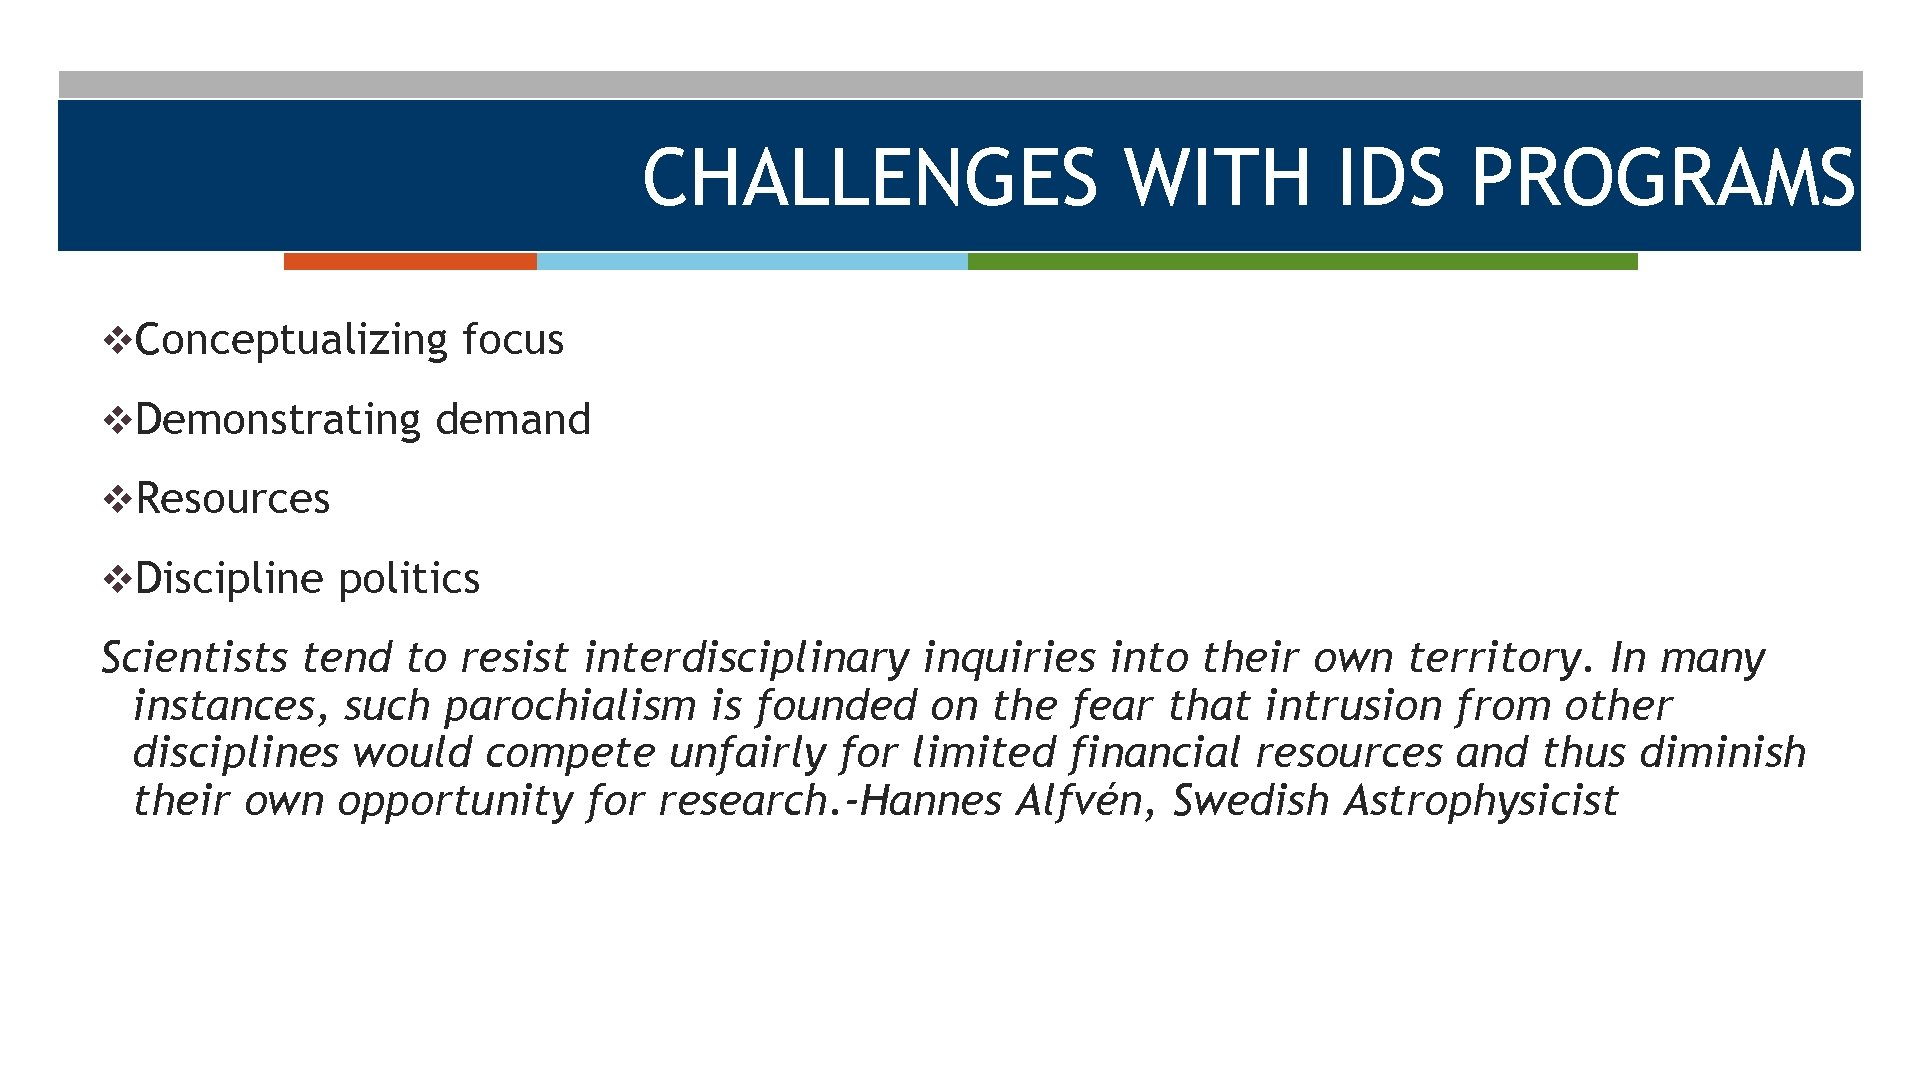 CHALLENGES WITH IDS PROGRAMS v. Conceptualizing focus v. Demonstrating demand v. Resources v. Discipline